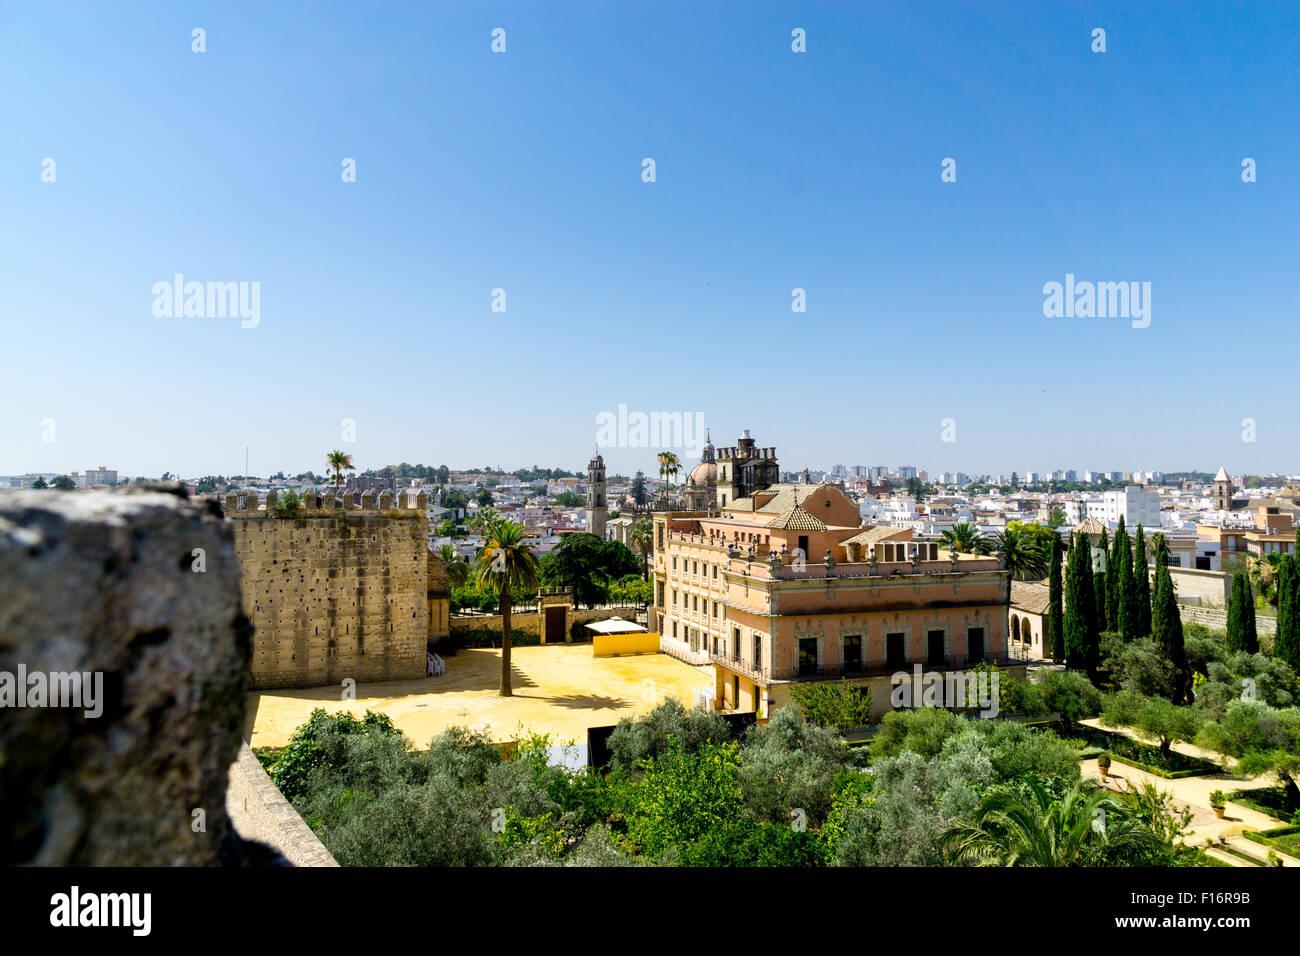 Jerez De La Frontera, Spanien. Blick über den Garten des Alcazar, der Kathedrale und darüber hinaus auf Stockbild